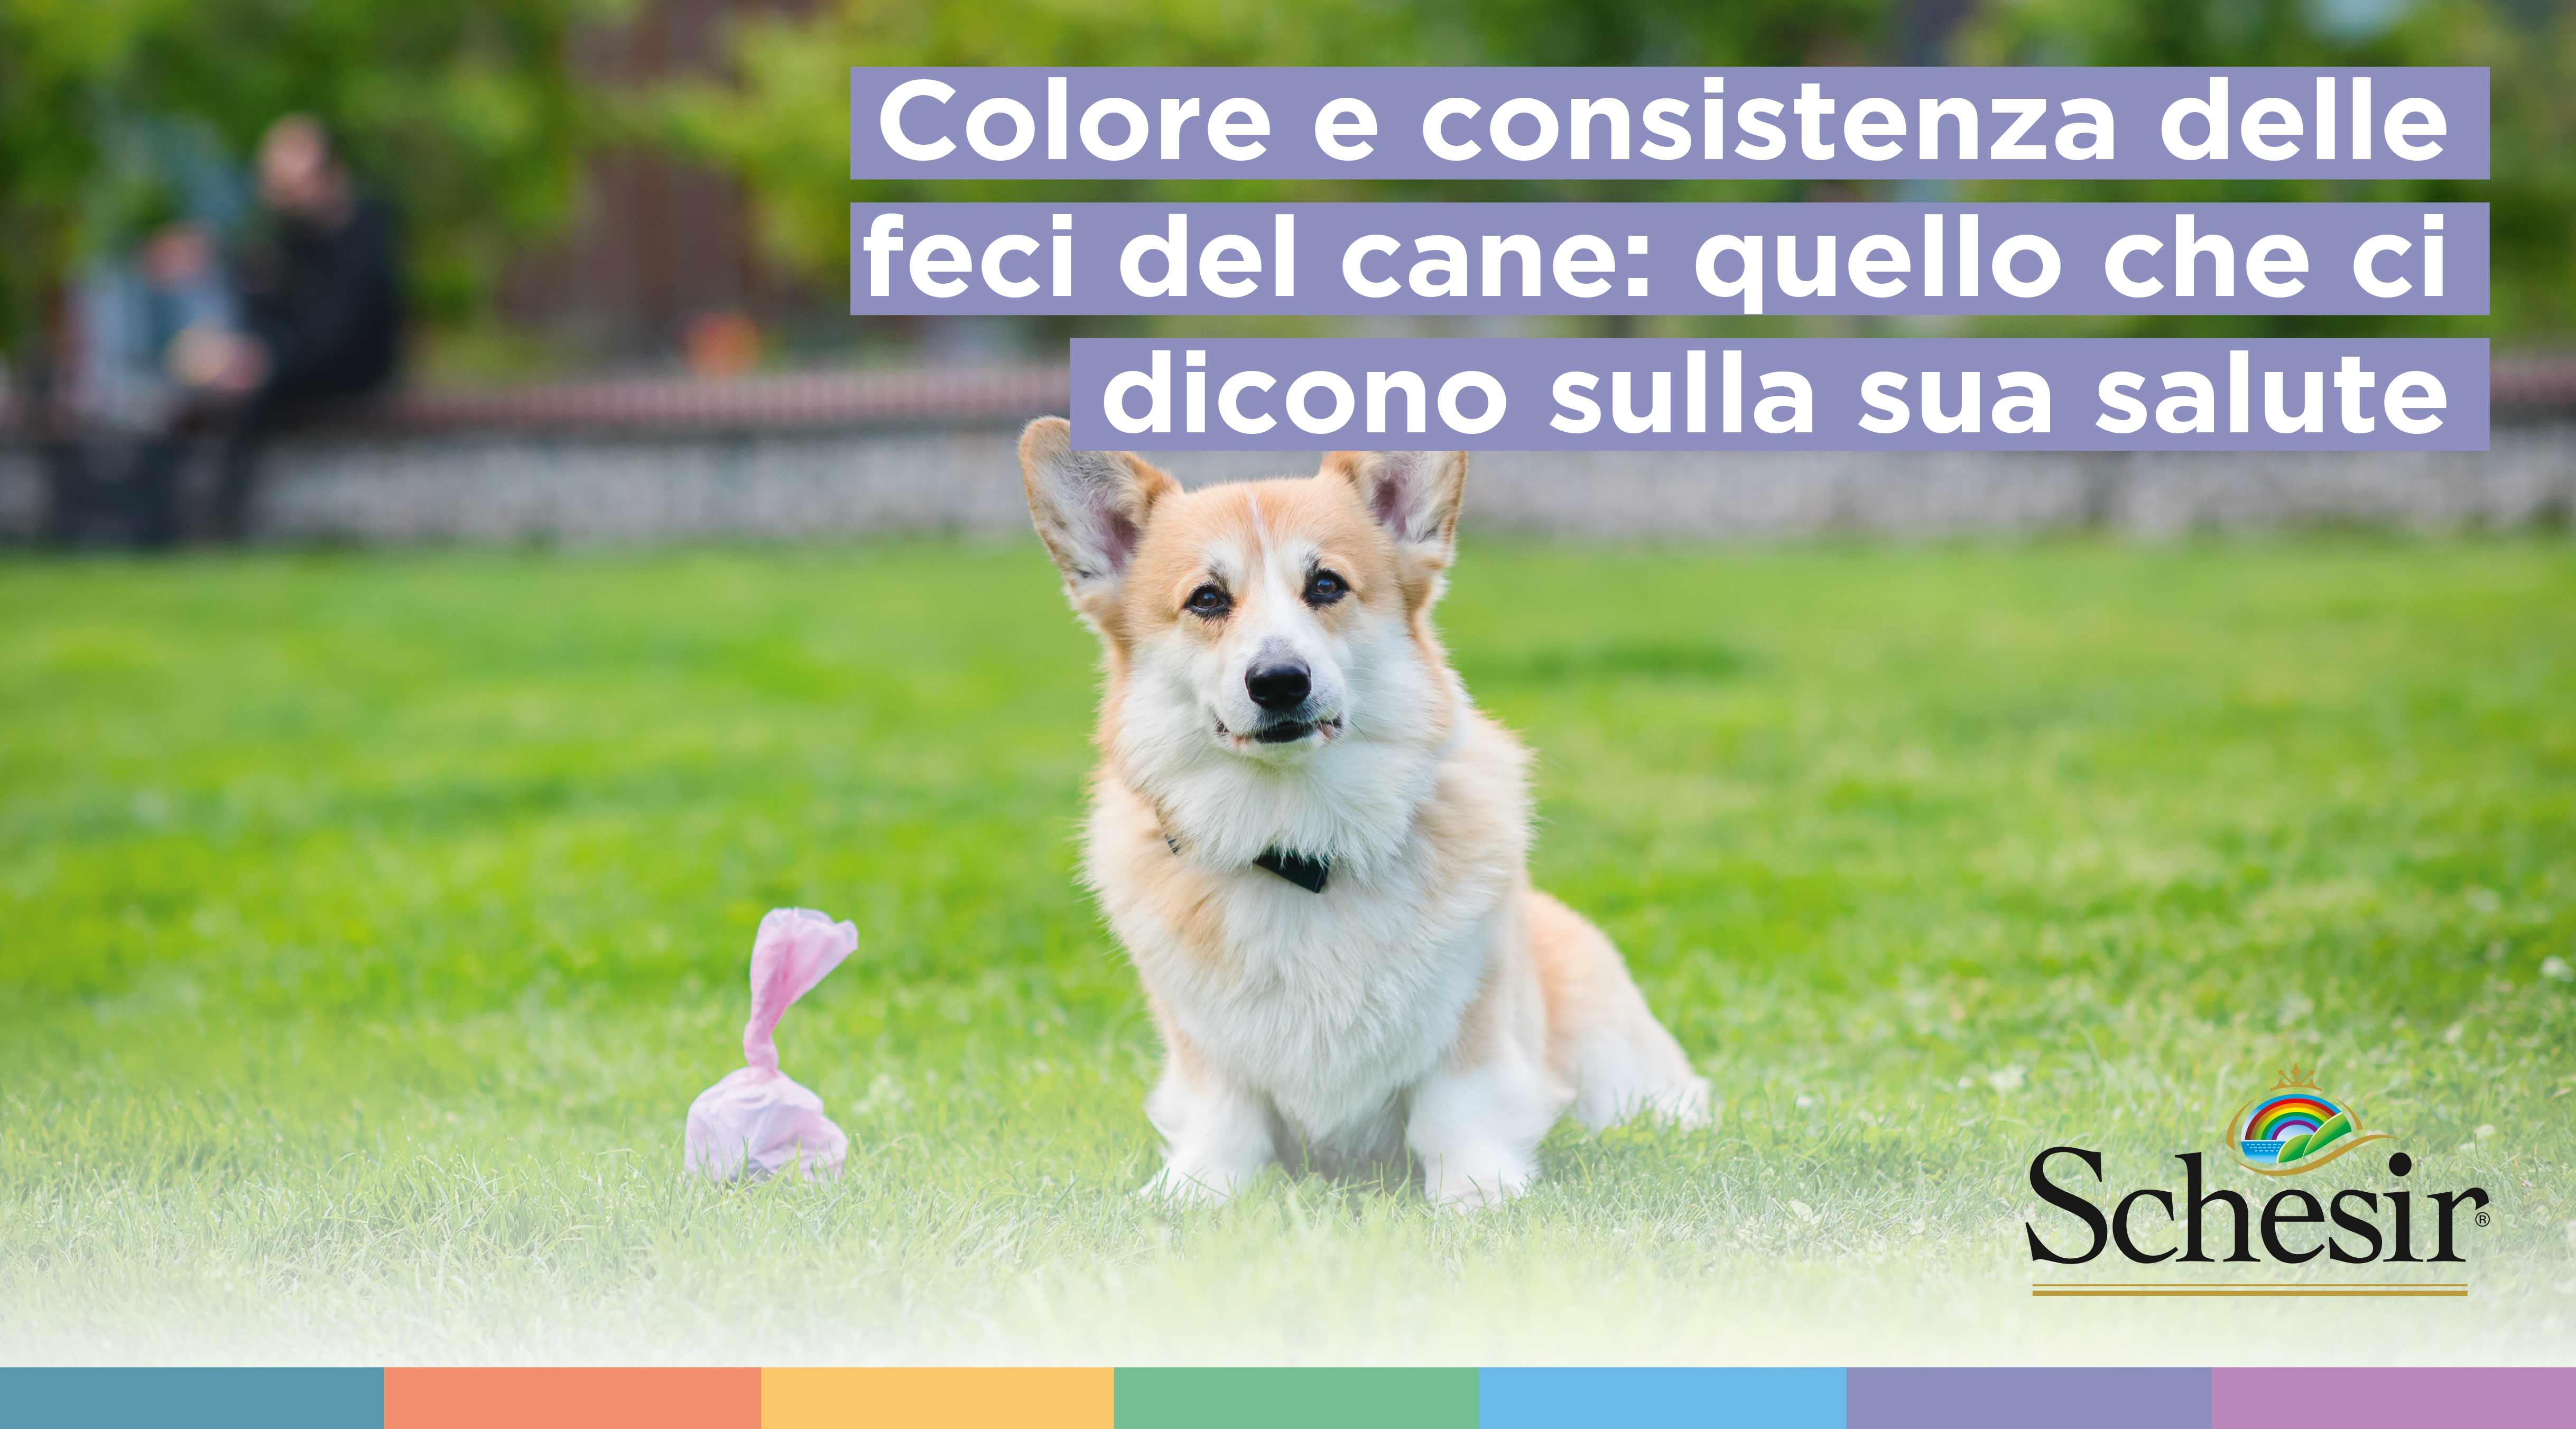 Colore e consistenza delle feci del cane: quello che ci dicono sulla sua salute, Schesir